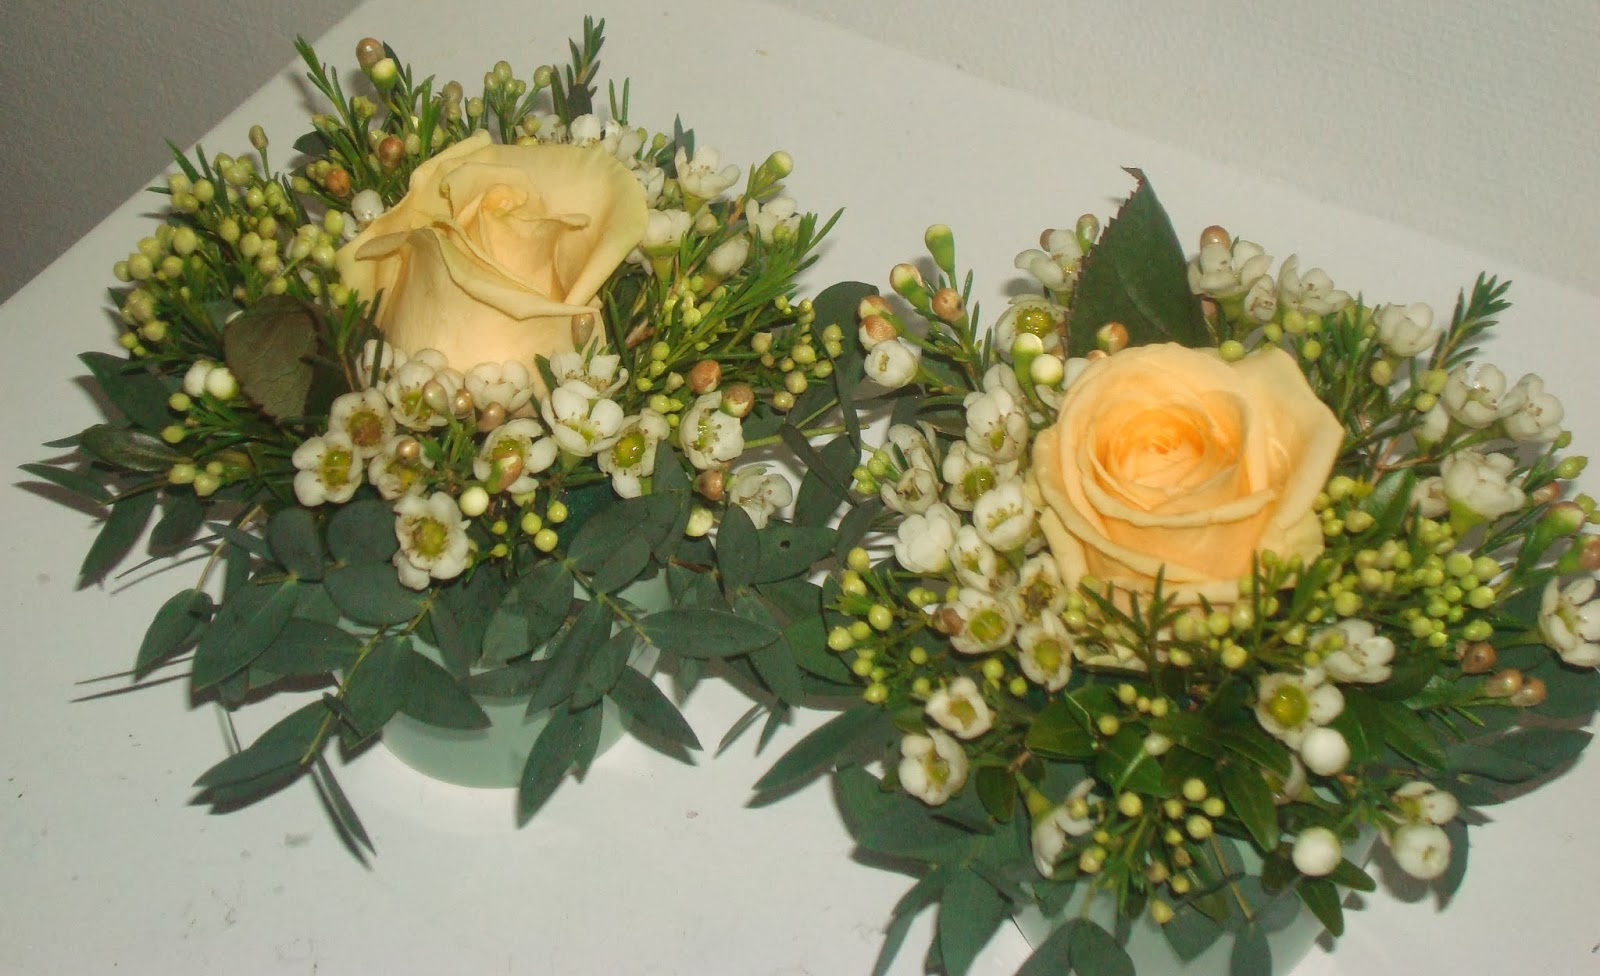 blomster pynt på bord